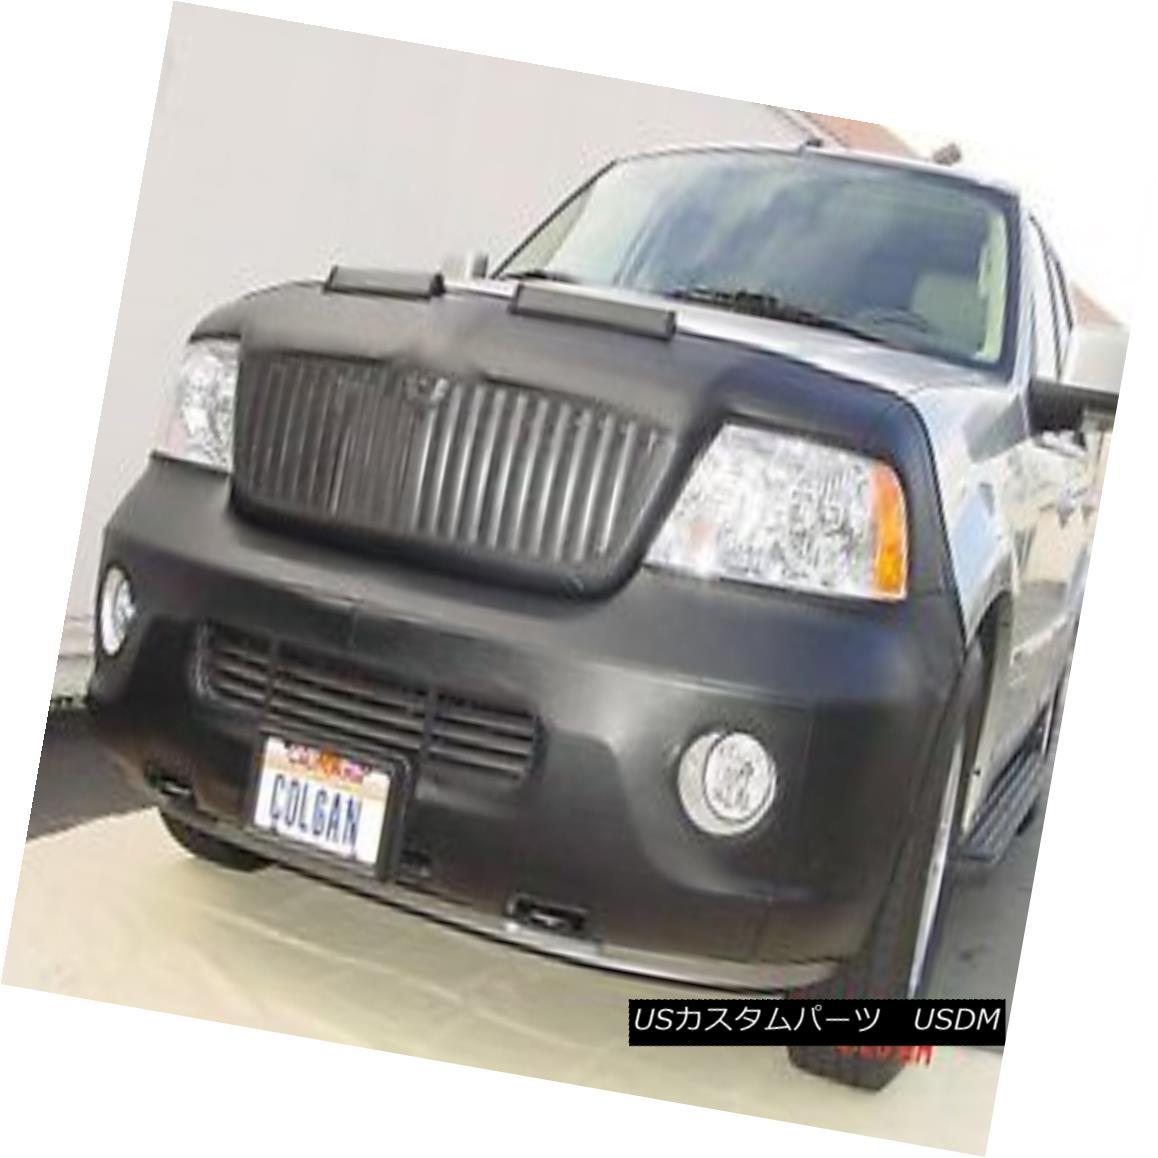 フルブラ ノーズブラ Colgan Front End Mask Bra 2pc. Fits Lincoln Navigator 03-04 With License Plate コルガンフロントエンドマスクブラ2pc Lincoln Navigatorに適合する03-04ライセンスプレート付